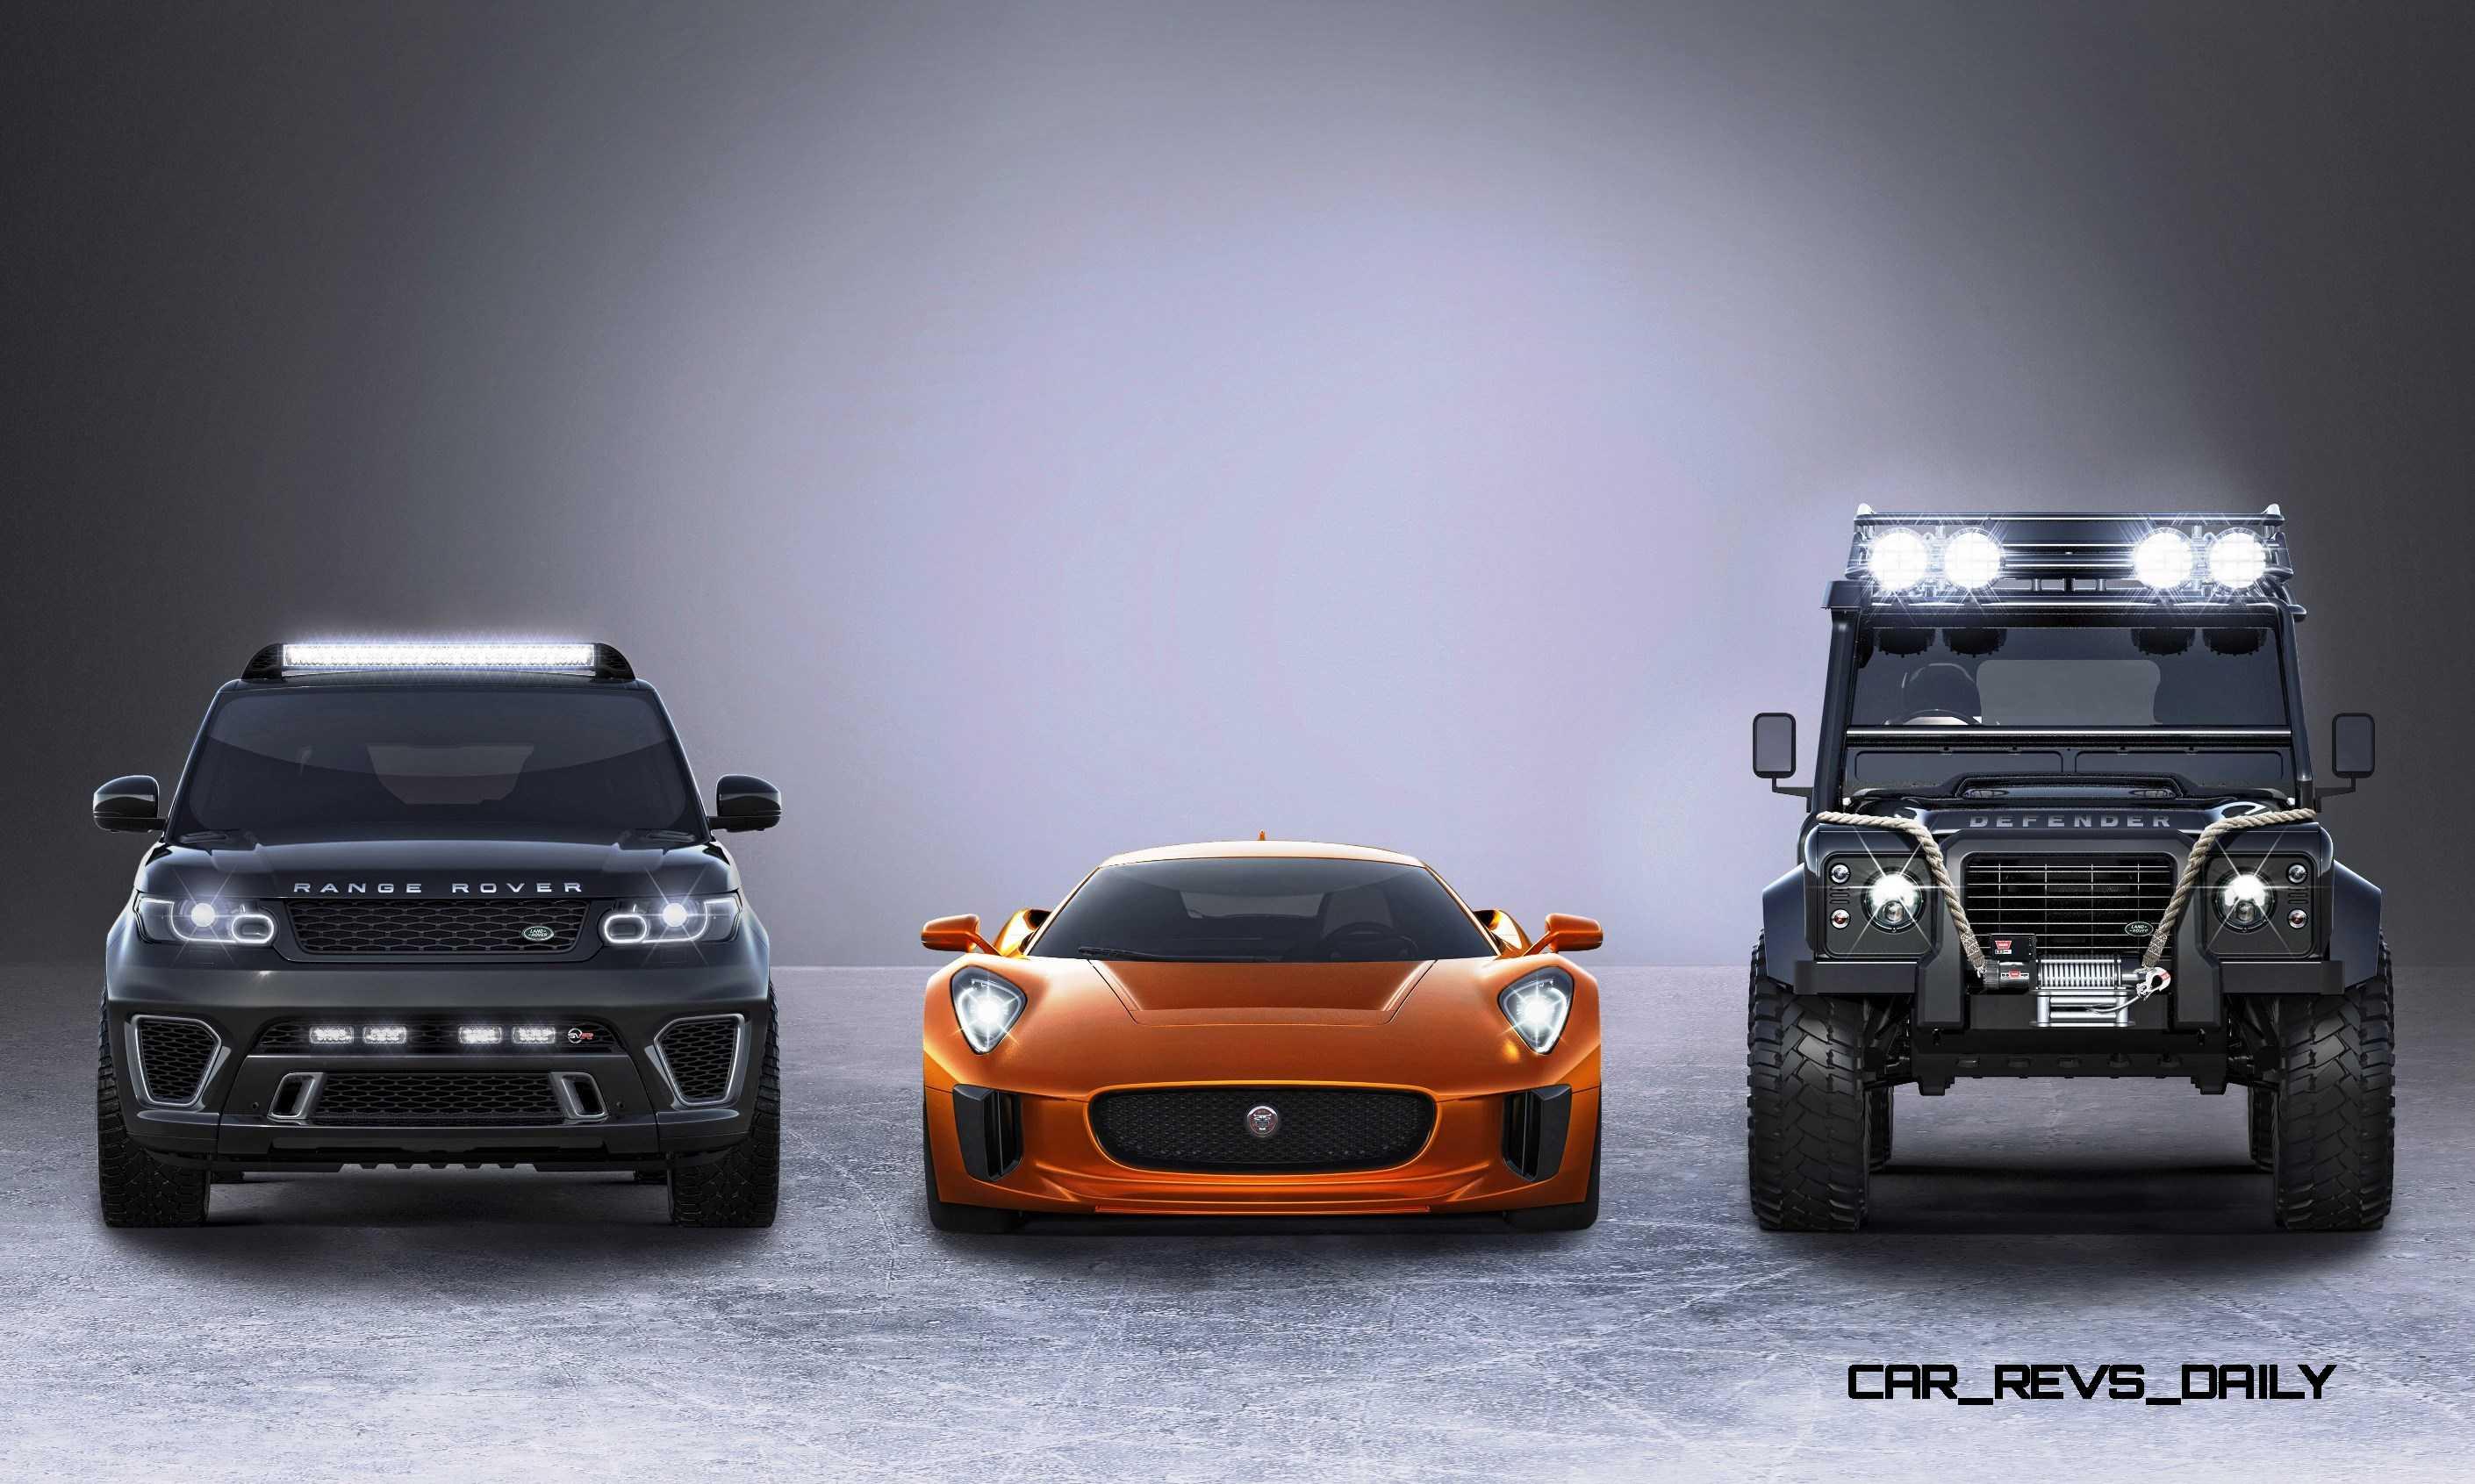 jaguar land rover 007 spectre cars. Black Bedroom Furniture Sets. Home Design Ideas